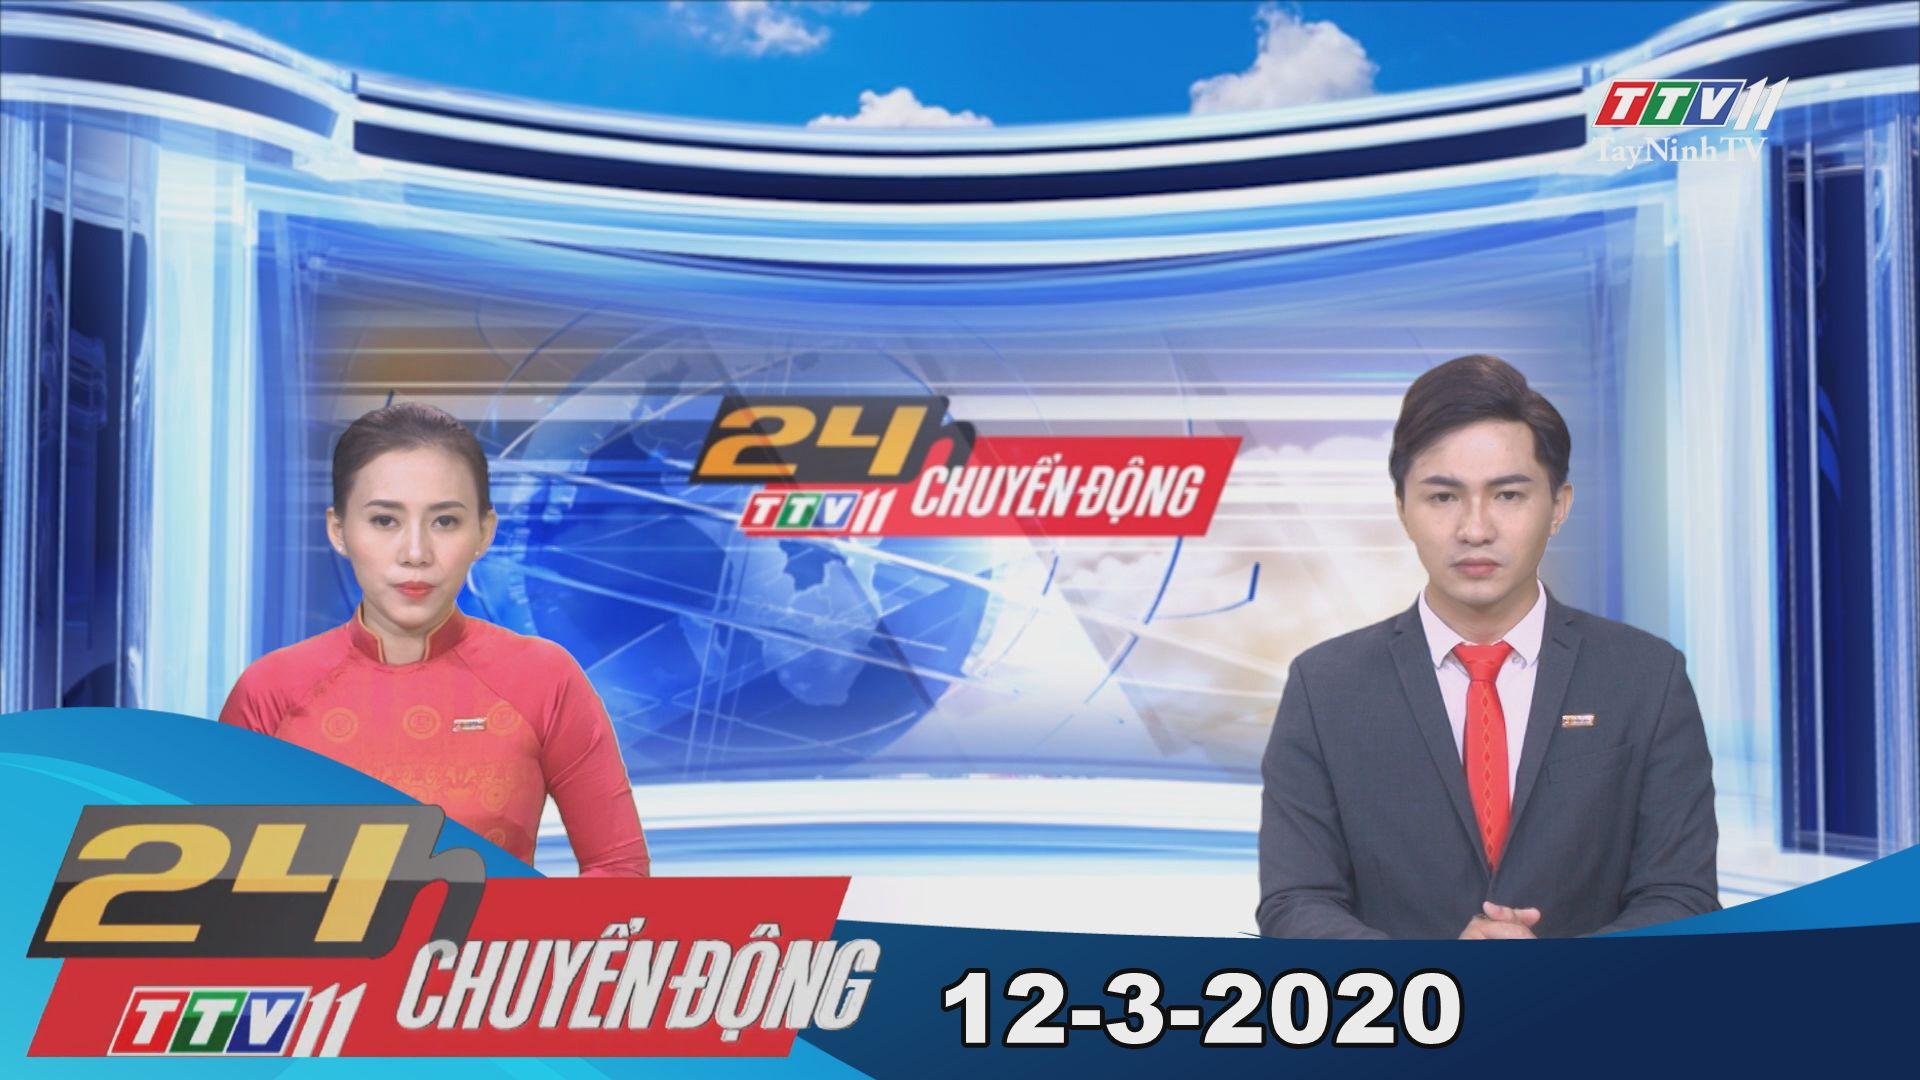 24h Chuyển động 12-3-2020 | Tin tức hôm nay | TayNinhTV